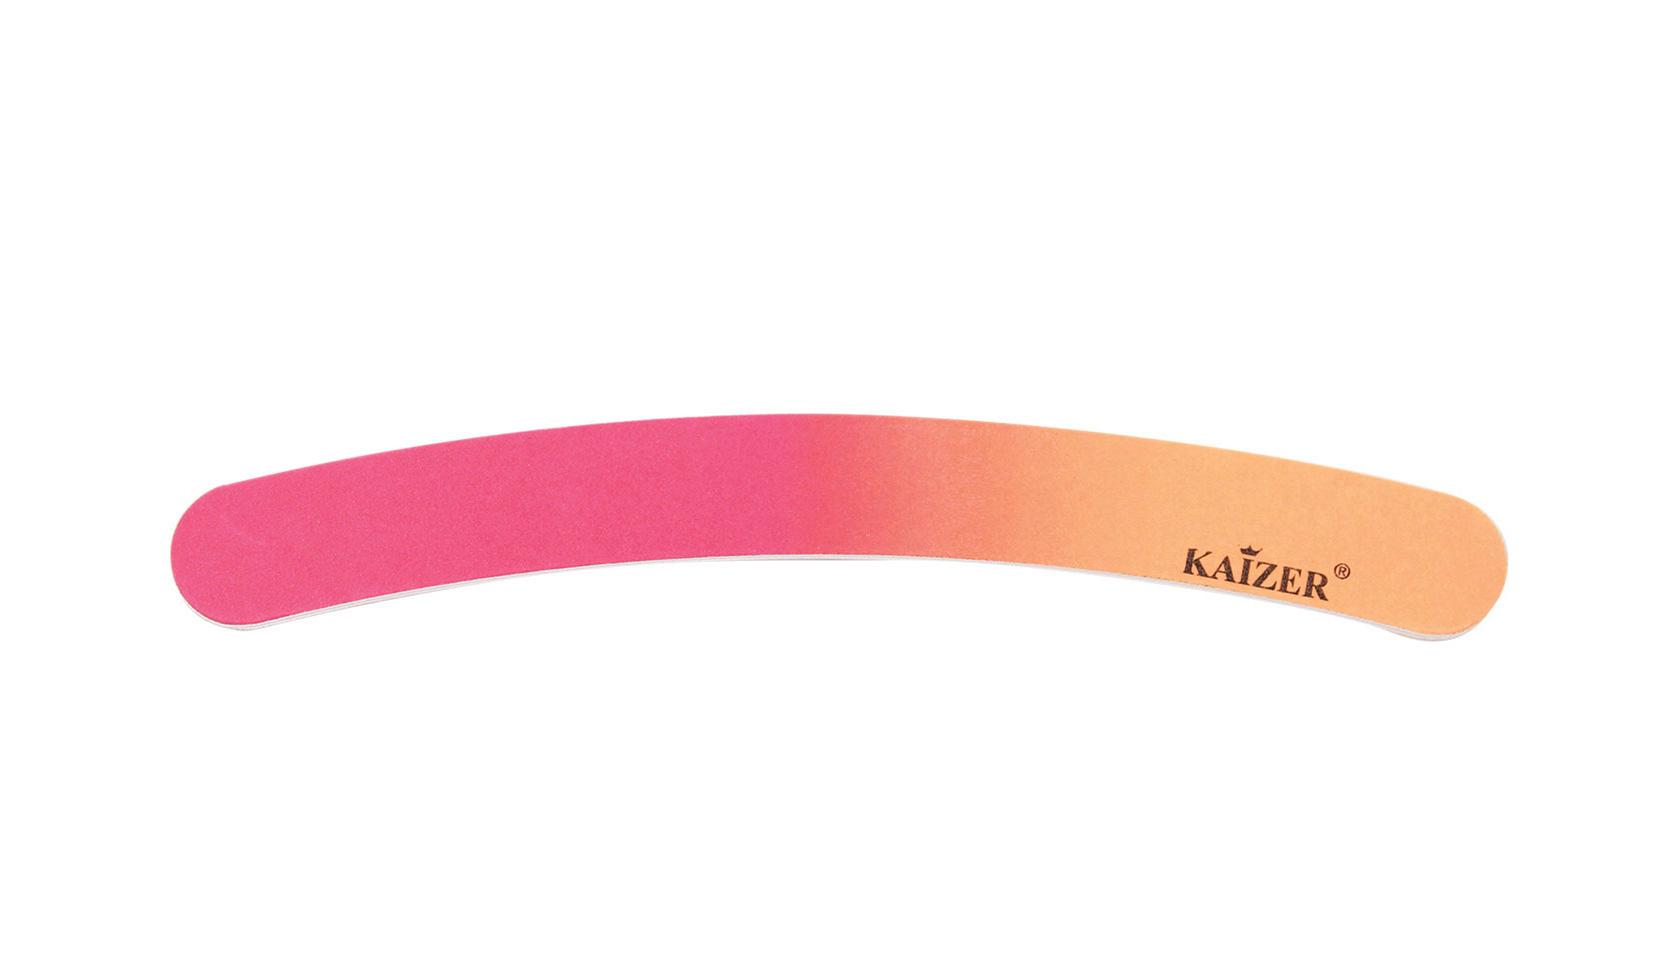 Пилка шлифовочная бумеранг оранжевая с розовым